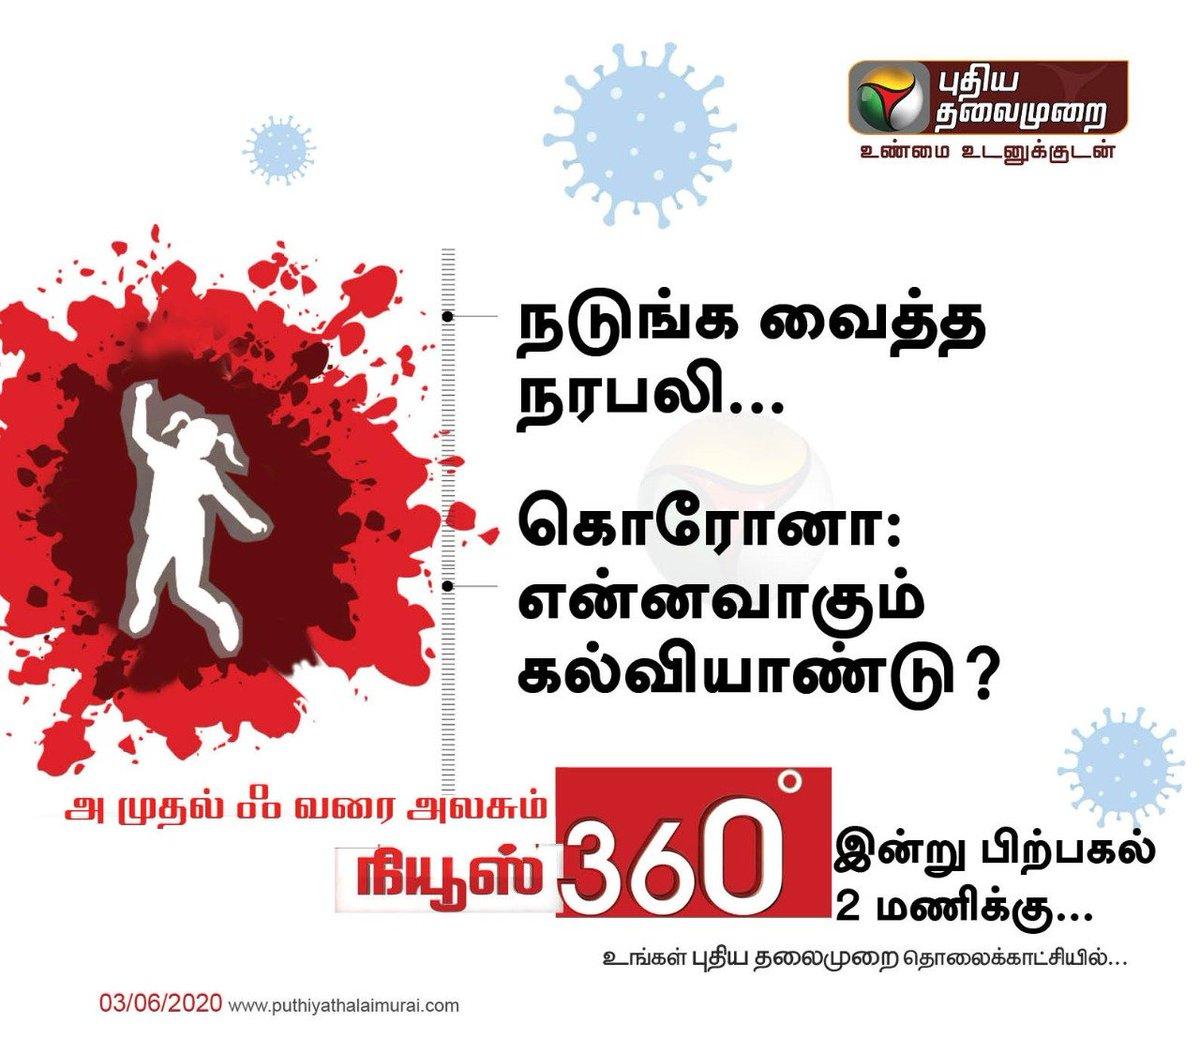 'நியூஸ் 360'  நடுங்க வைத்த நரபலி...  கொரோனா: என்னவாகும் கல்வியாண்டு?  இன்று பிற்பகல் 2 மணிக்கு...  #News360 | #COVID19 | #CoronaLockdown | #TNFightsCorona | #StayHomepic.twitter.com/CkwRpxkq4y